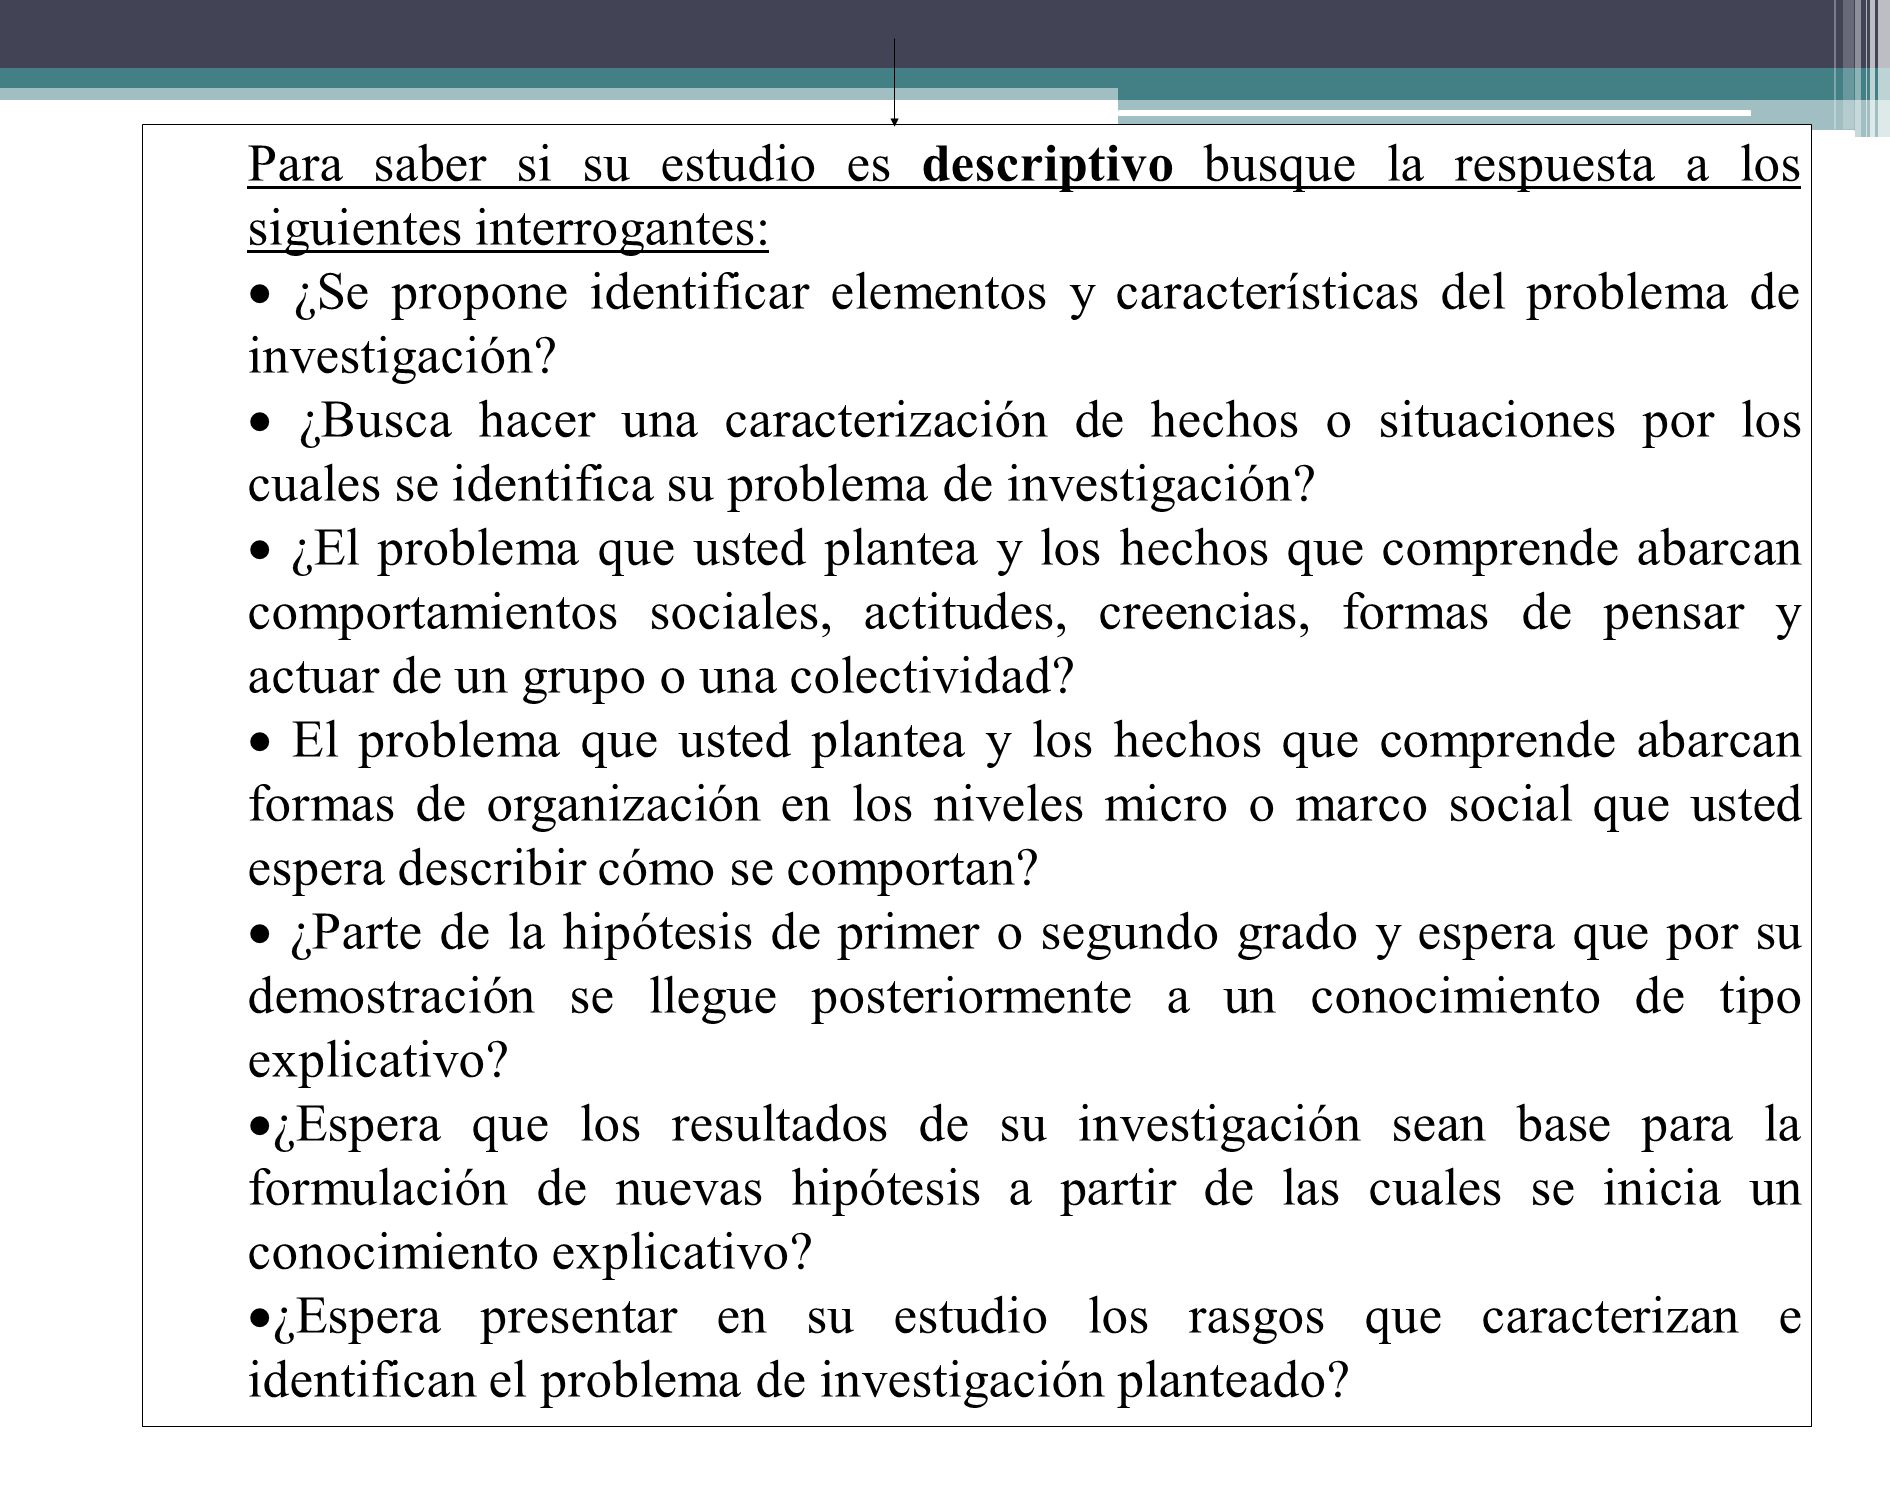 Para saber si su estudio es descriptivo busque la respuesta a los siguientes interrogantes: